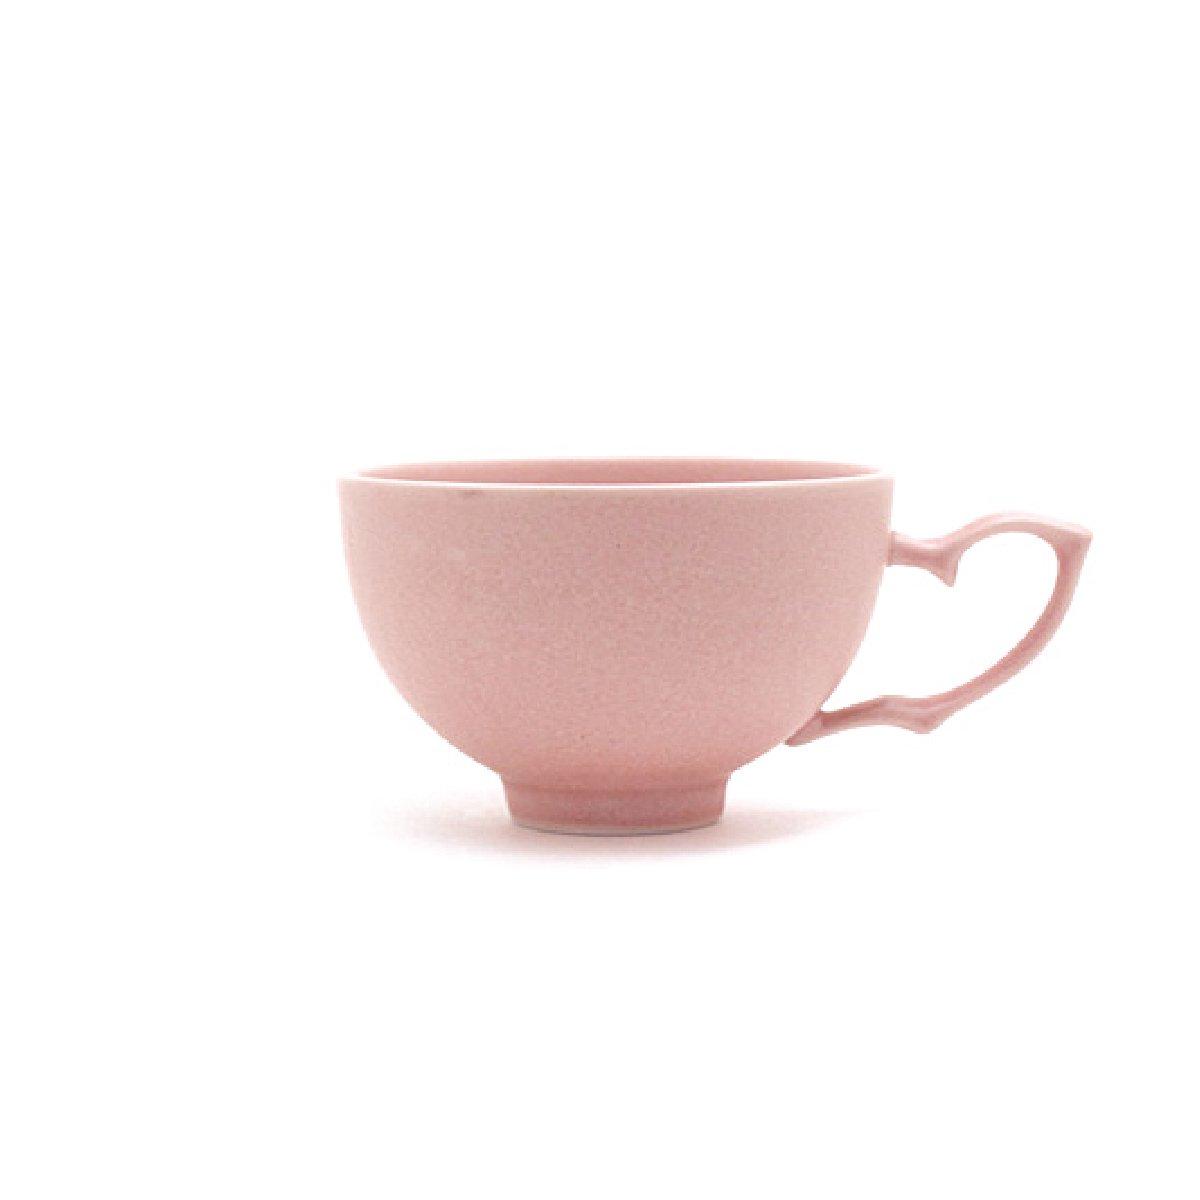 貴族のカップ 桜 詳細画像1